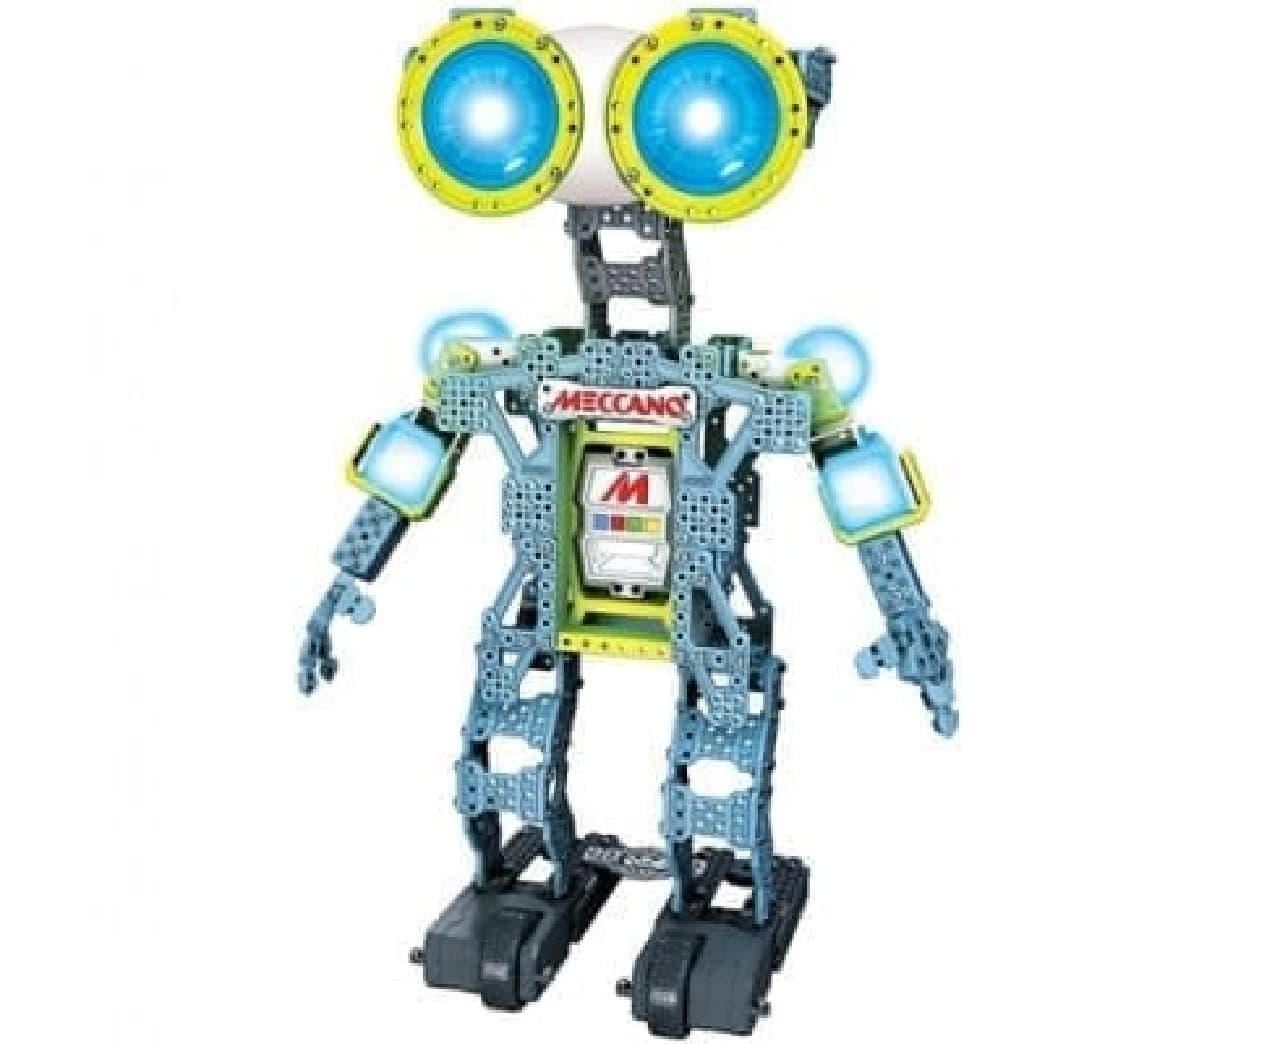 組み立て式ロボット「Meccanoid(メカノイド)」